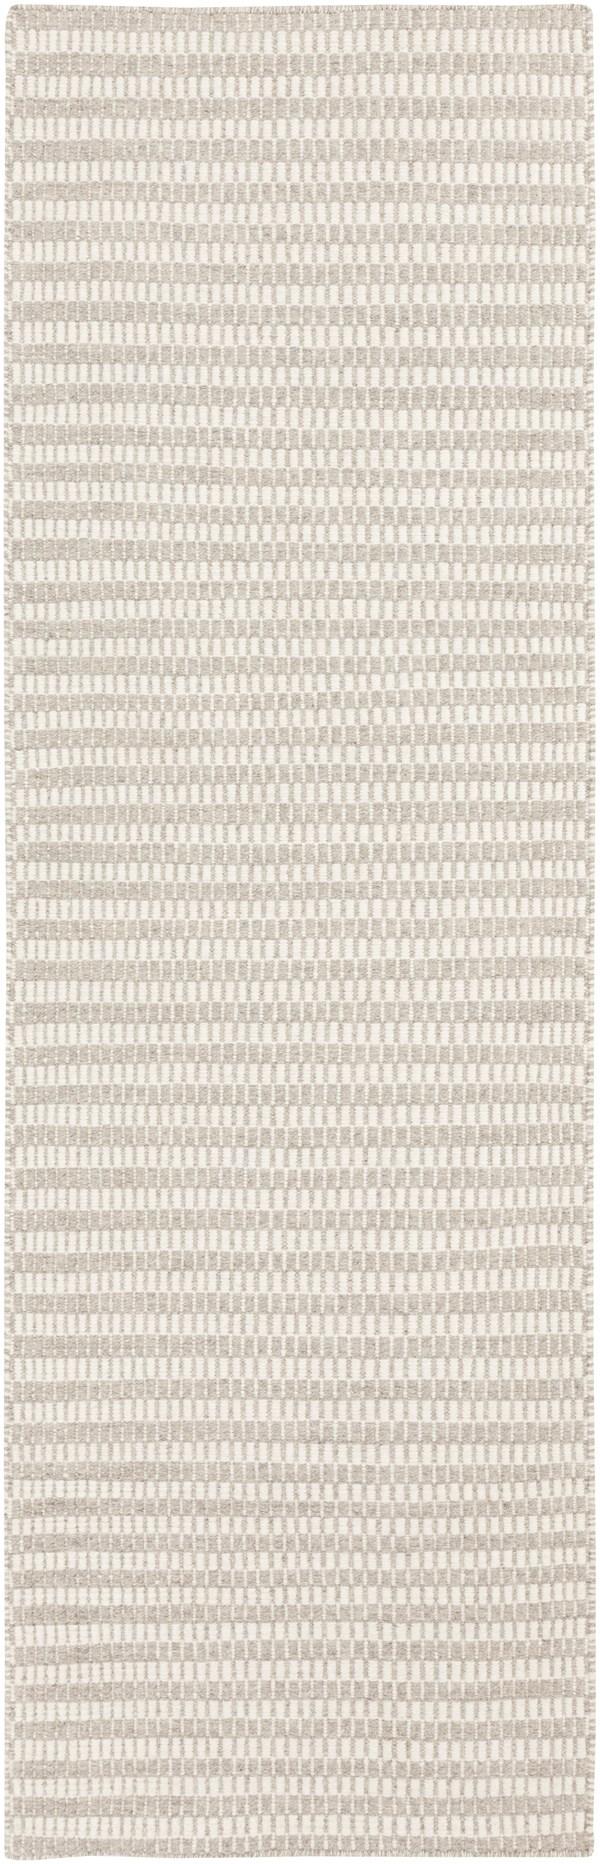 Taupe, Khaki Striped Area Rug